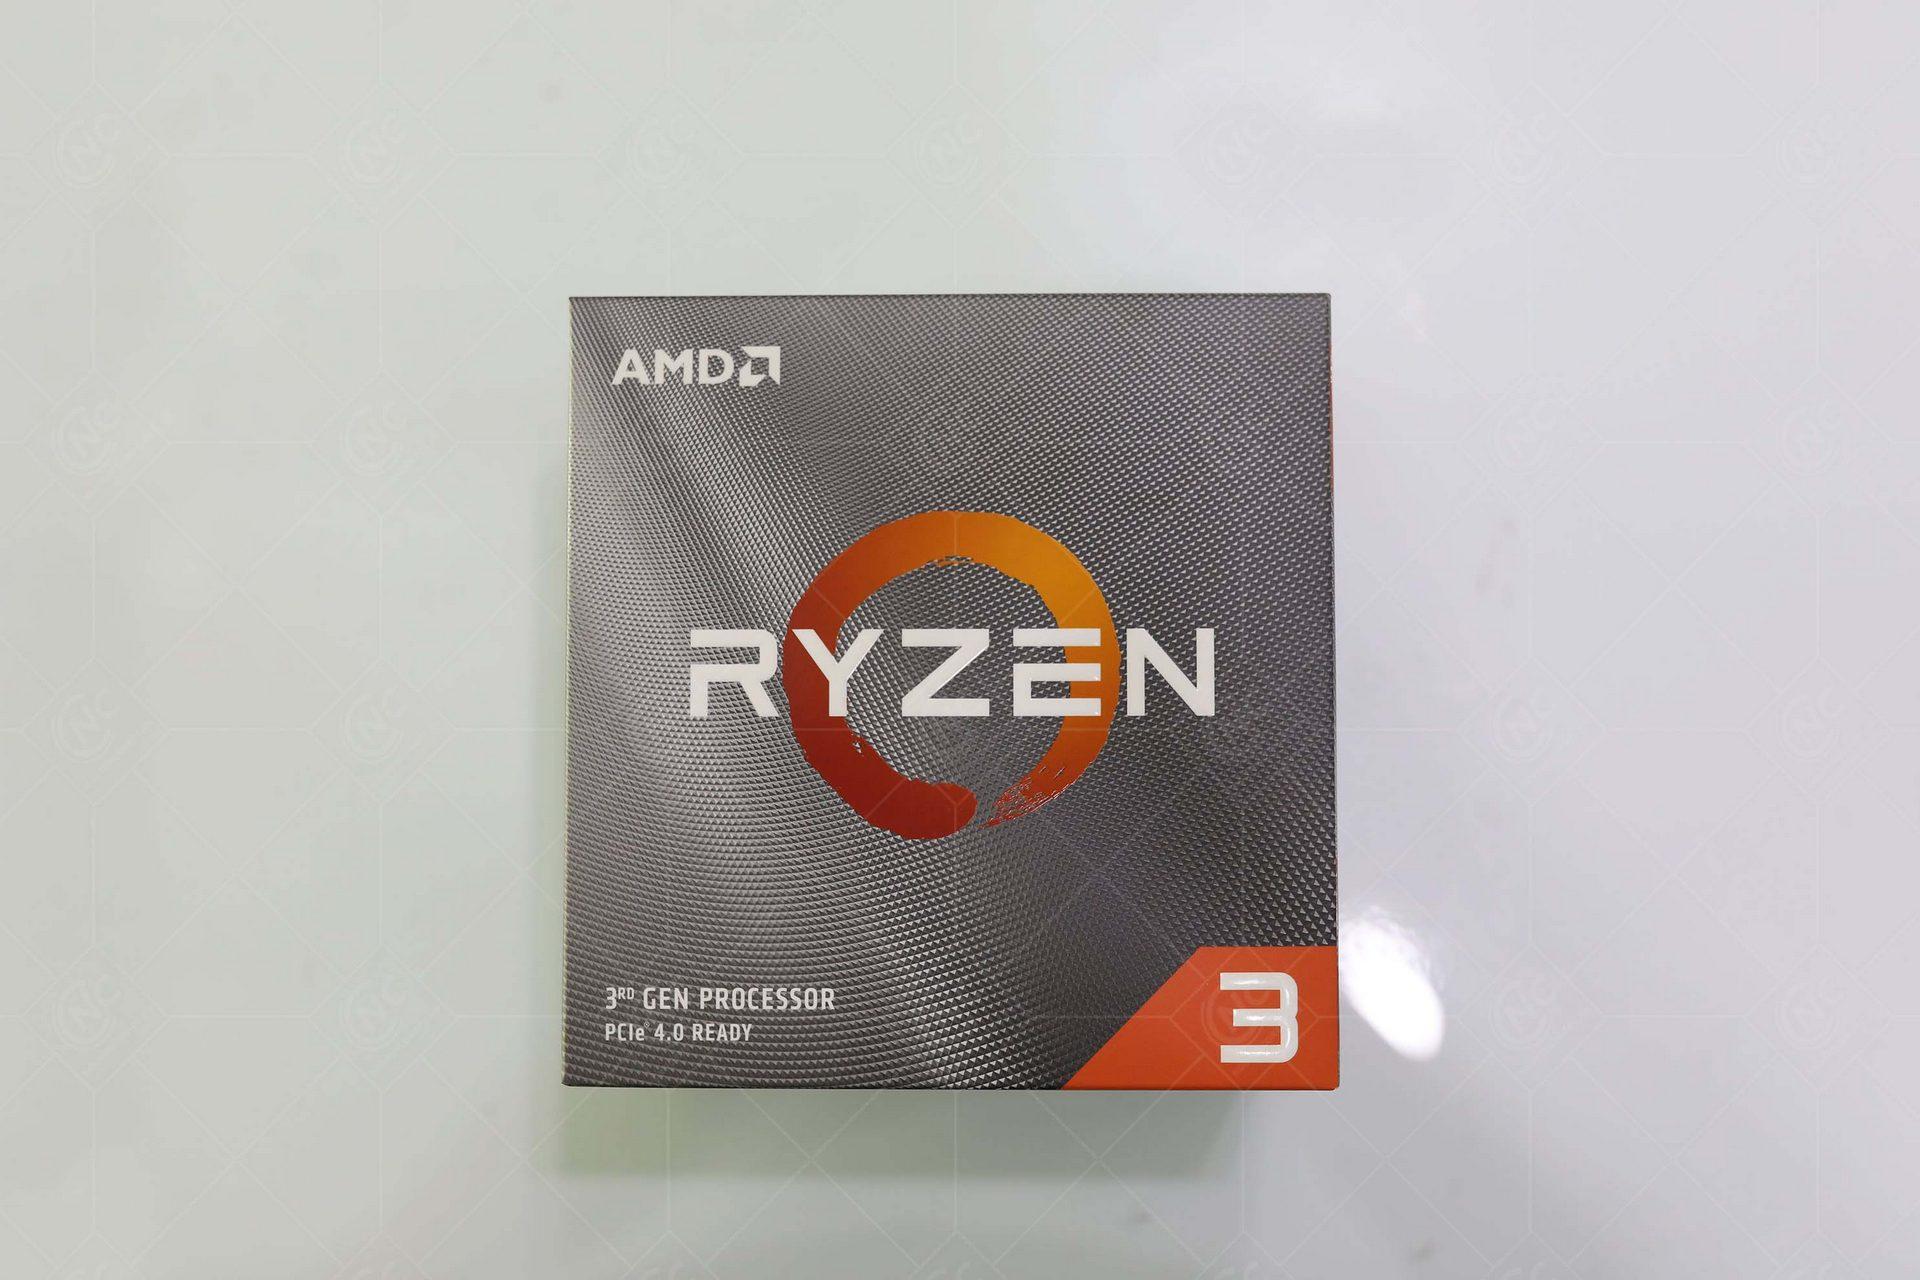 CPU AMD Ryzen 3 3100 (3.6GHz Boost 3.9GHz | 4 Cores / 8 Threads | 16MB Cache | PCIe 4.0)